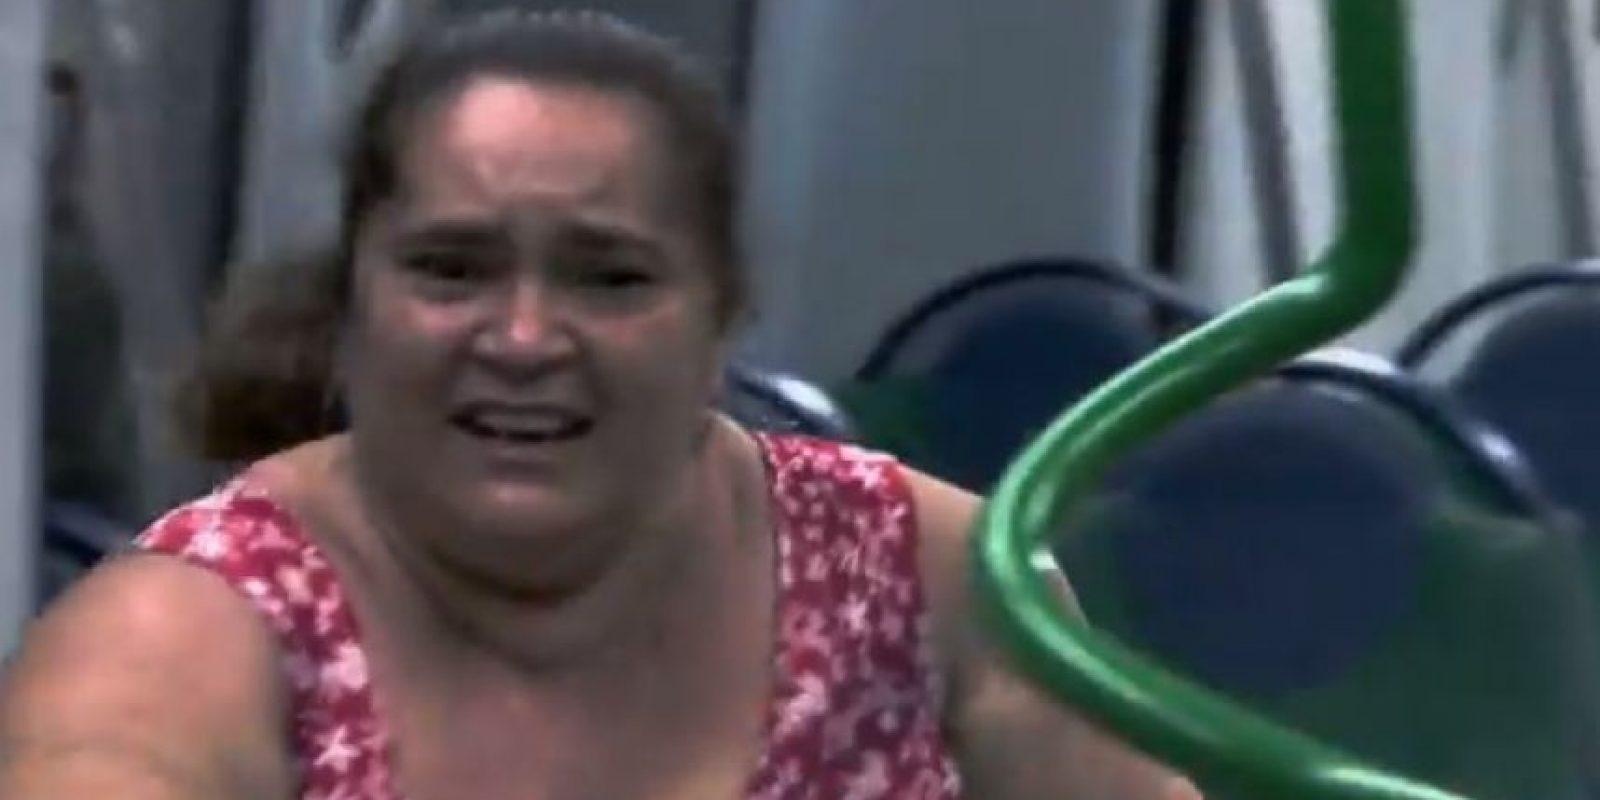 Así fue la reacción de los pasajeros del metro Foto:Vía Youtube: Câmeras Escondidas Programa Silvio Santos